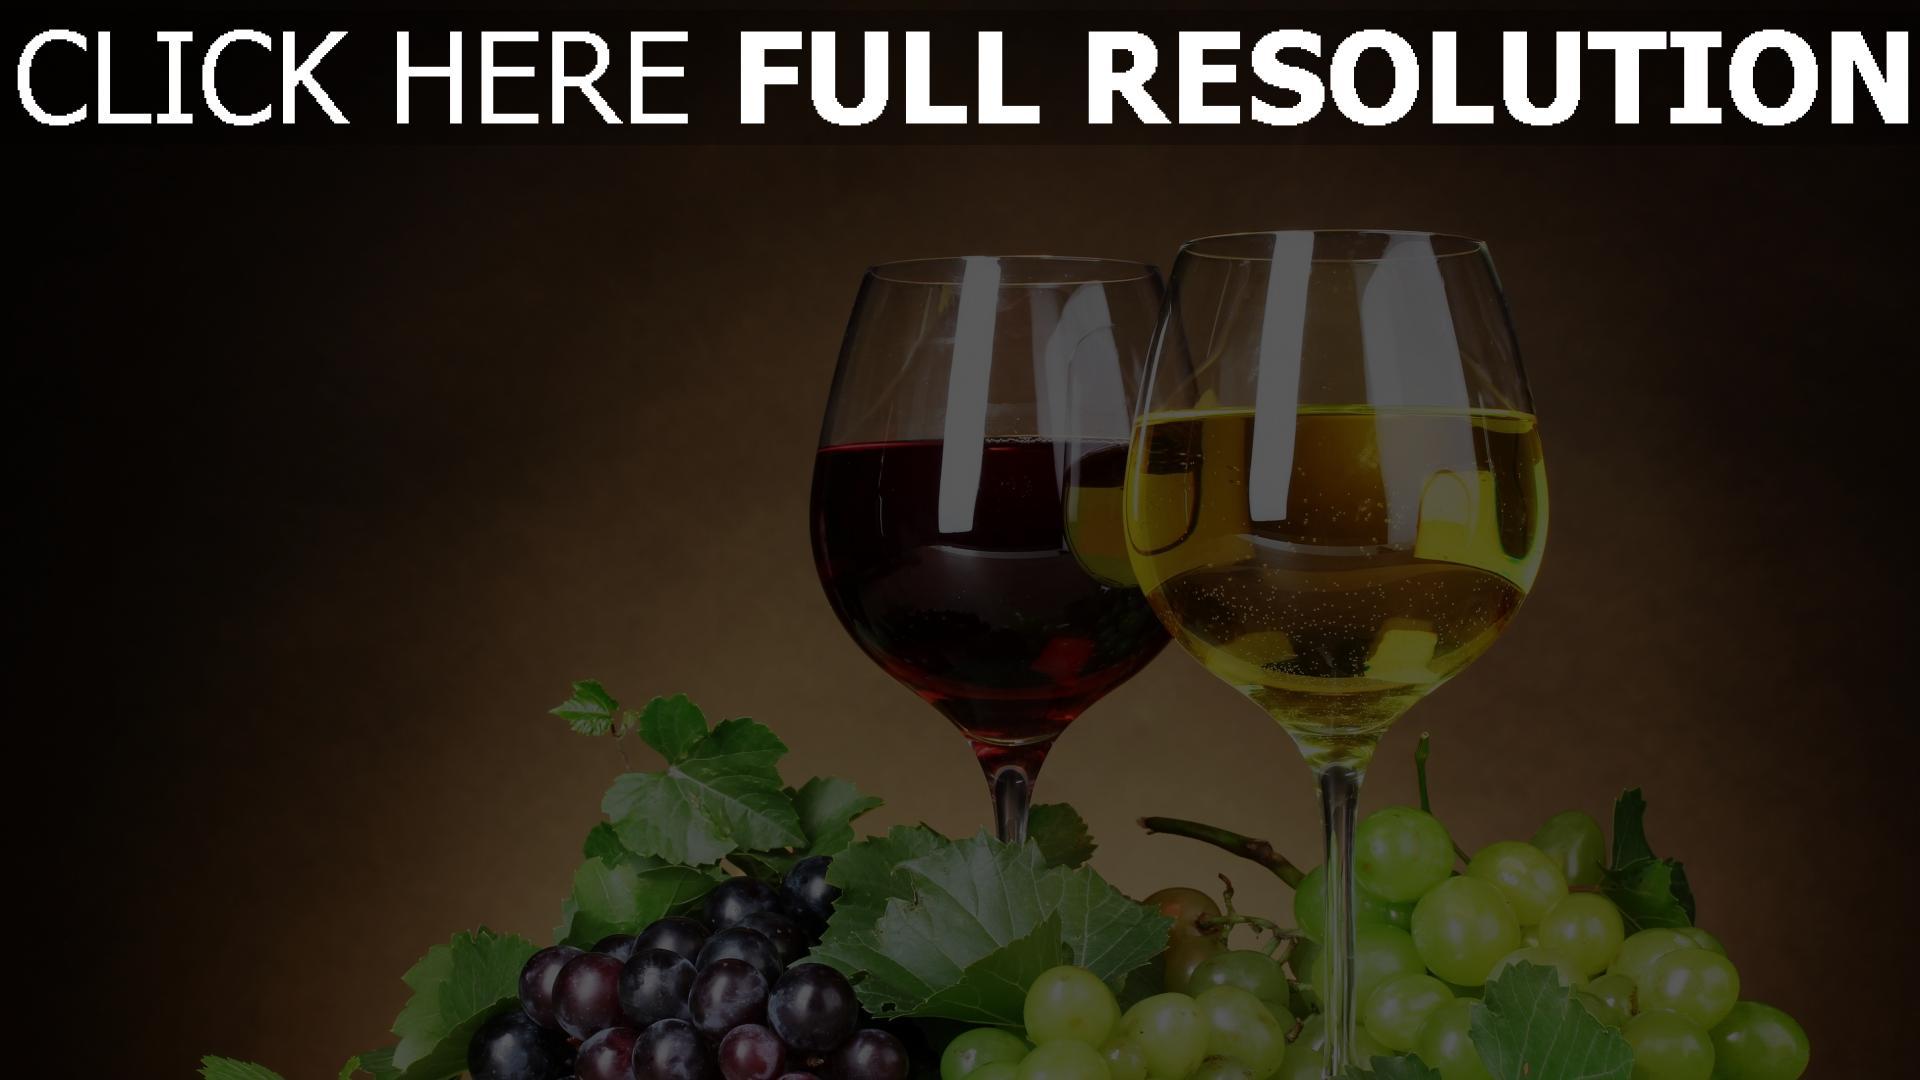 fond d'écran 1920x1080 vin verre raisins vue de face